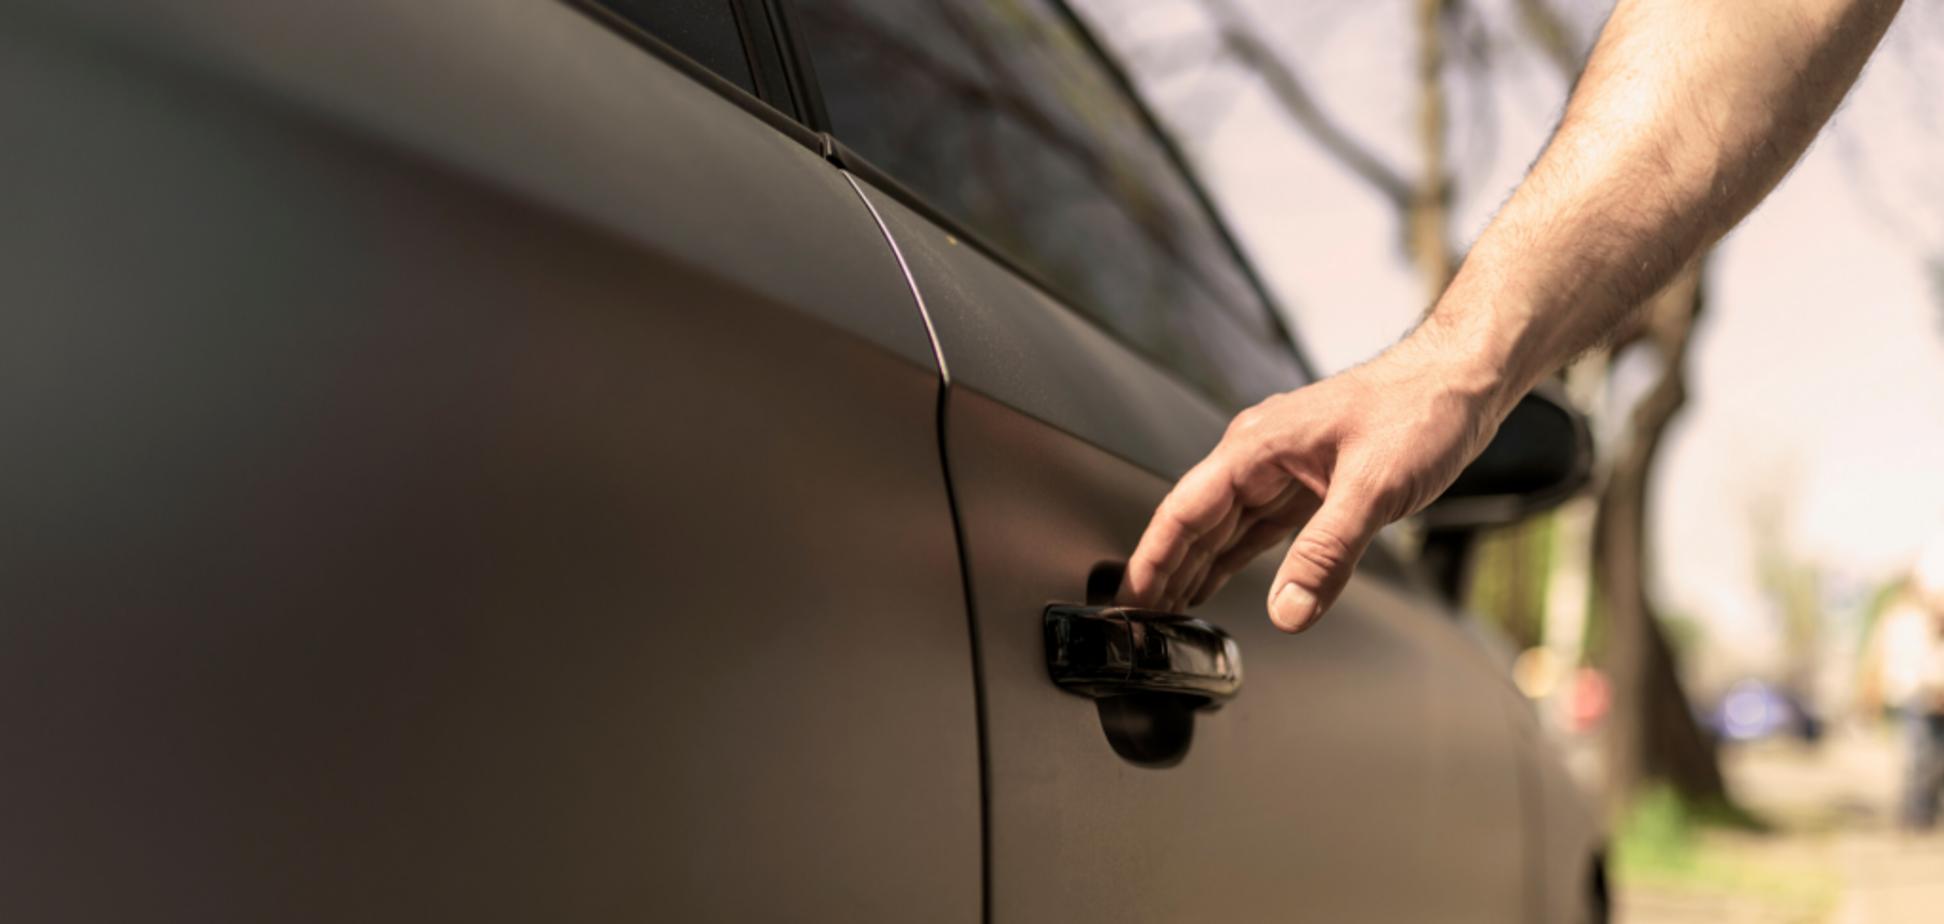 Як дуже швидко охолодити нагріту сонцем машину: простий лайфхак